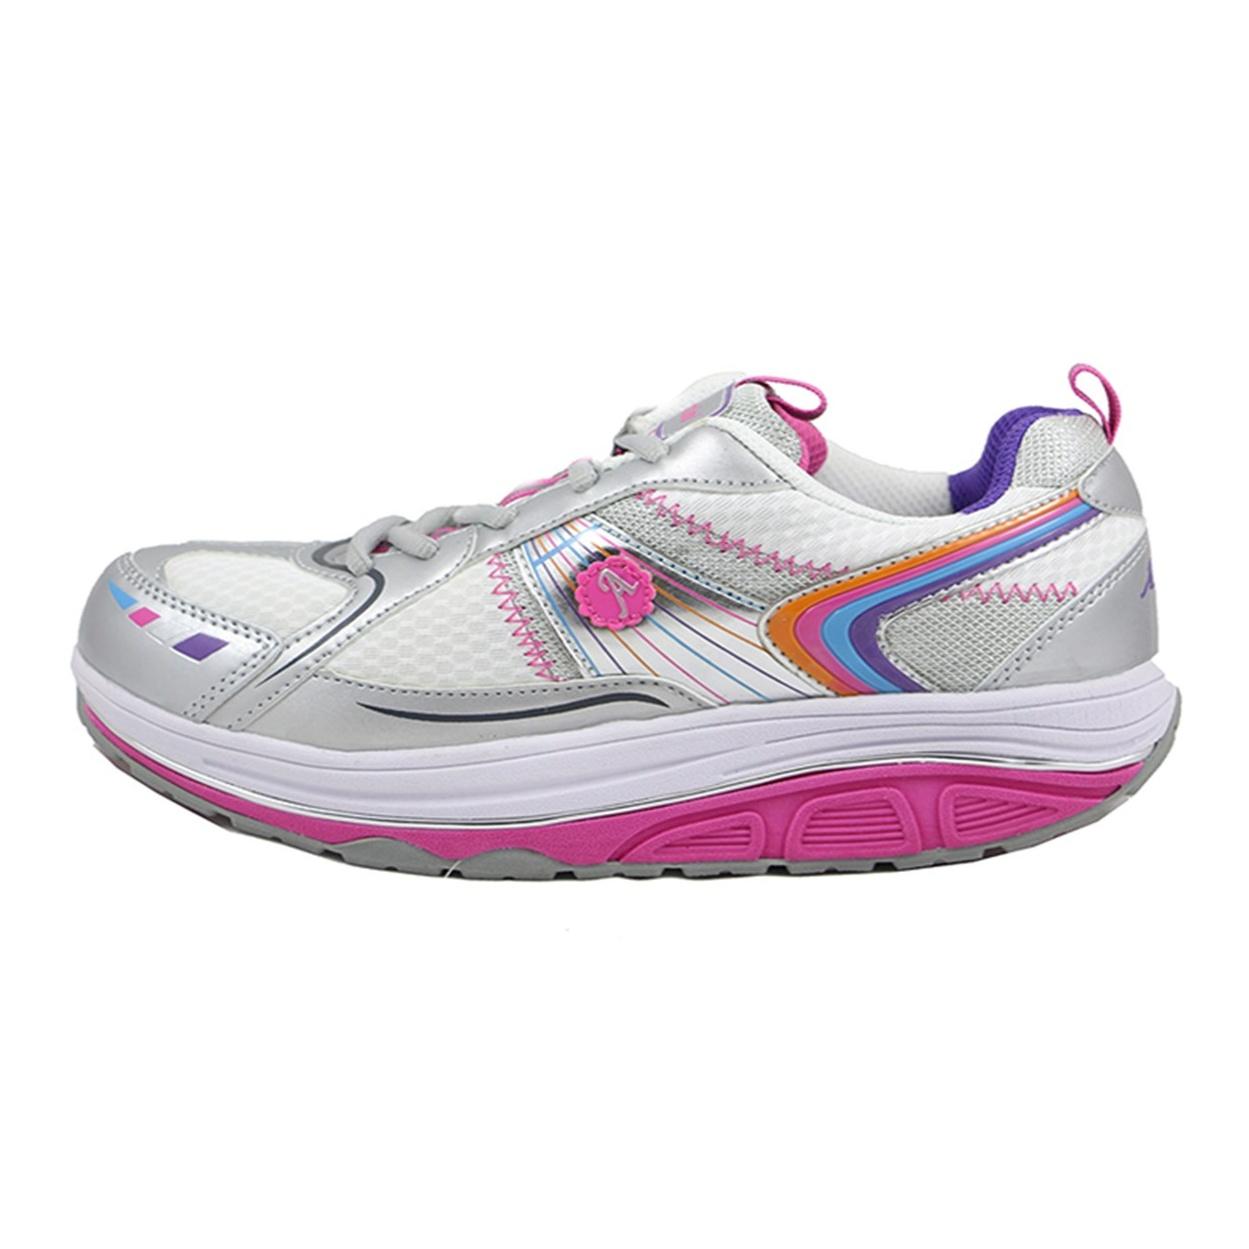 کفش ورزشی زنانه نهرین مدل Perfect 3 Albertini 170